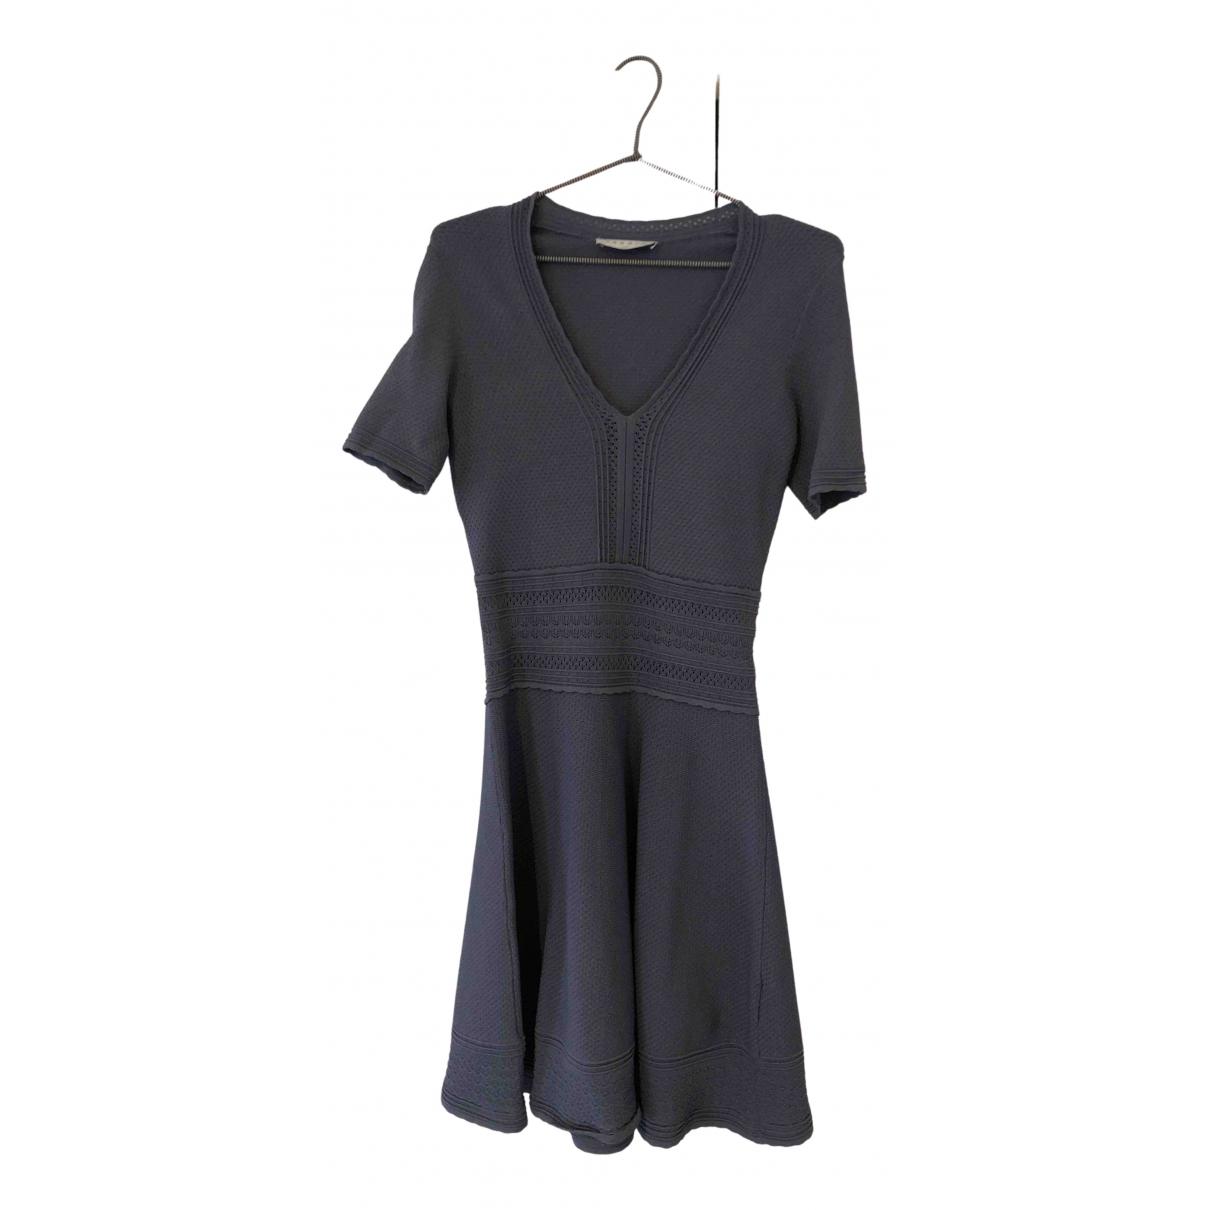 Sandro N Grey dress for Women 36 FR